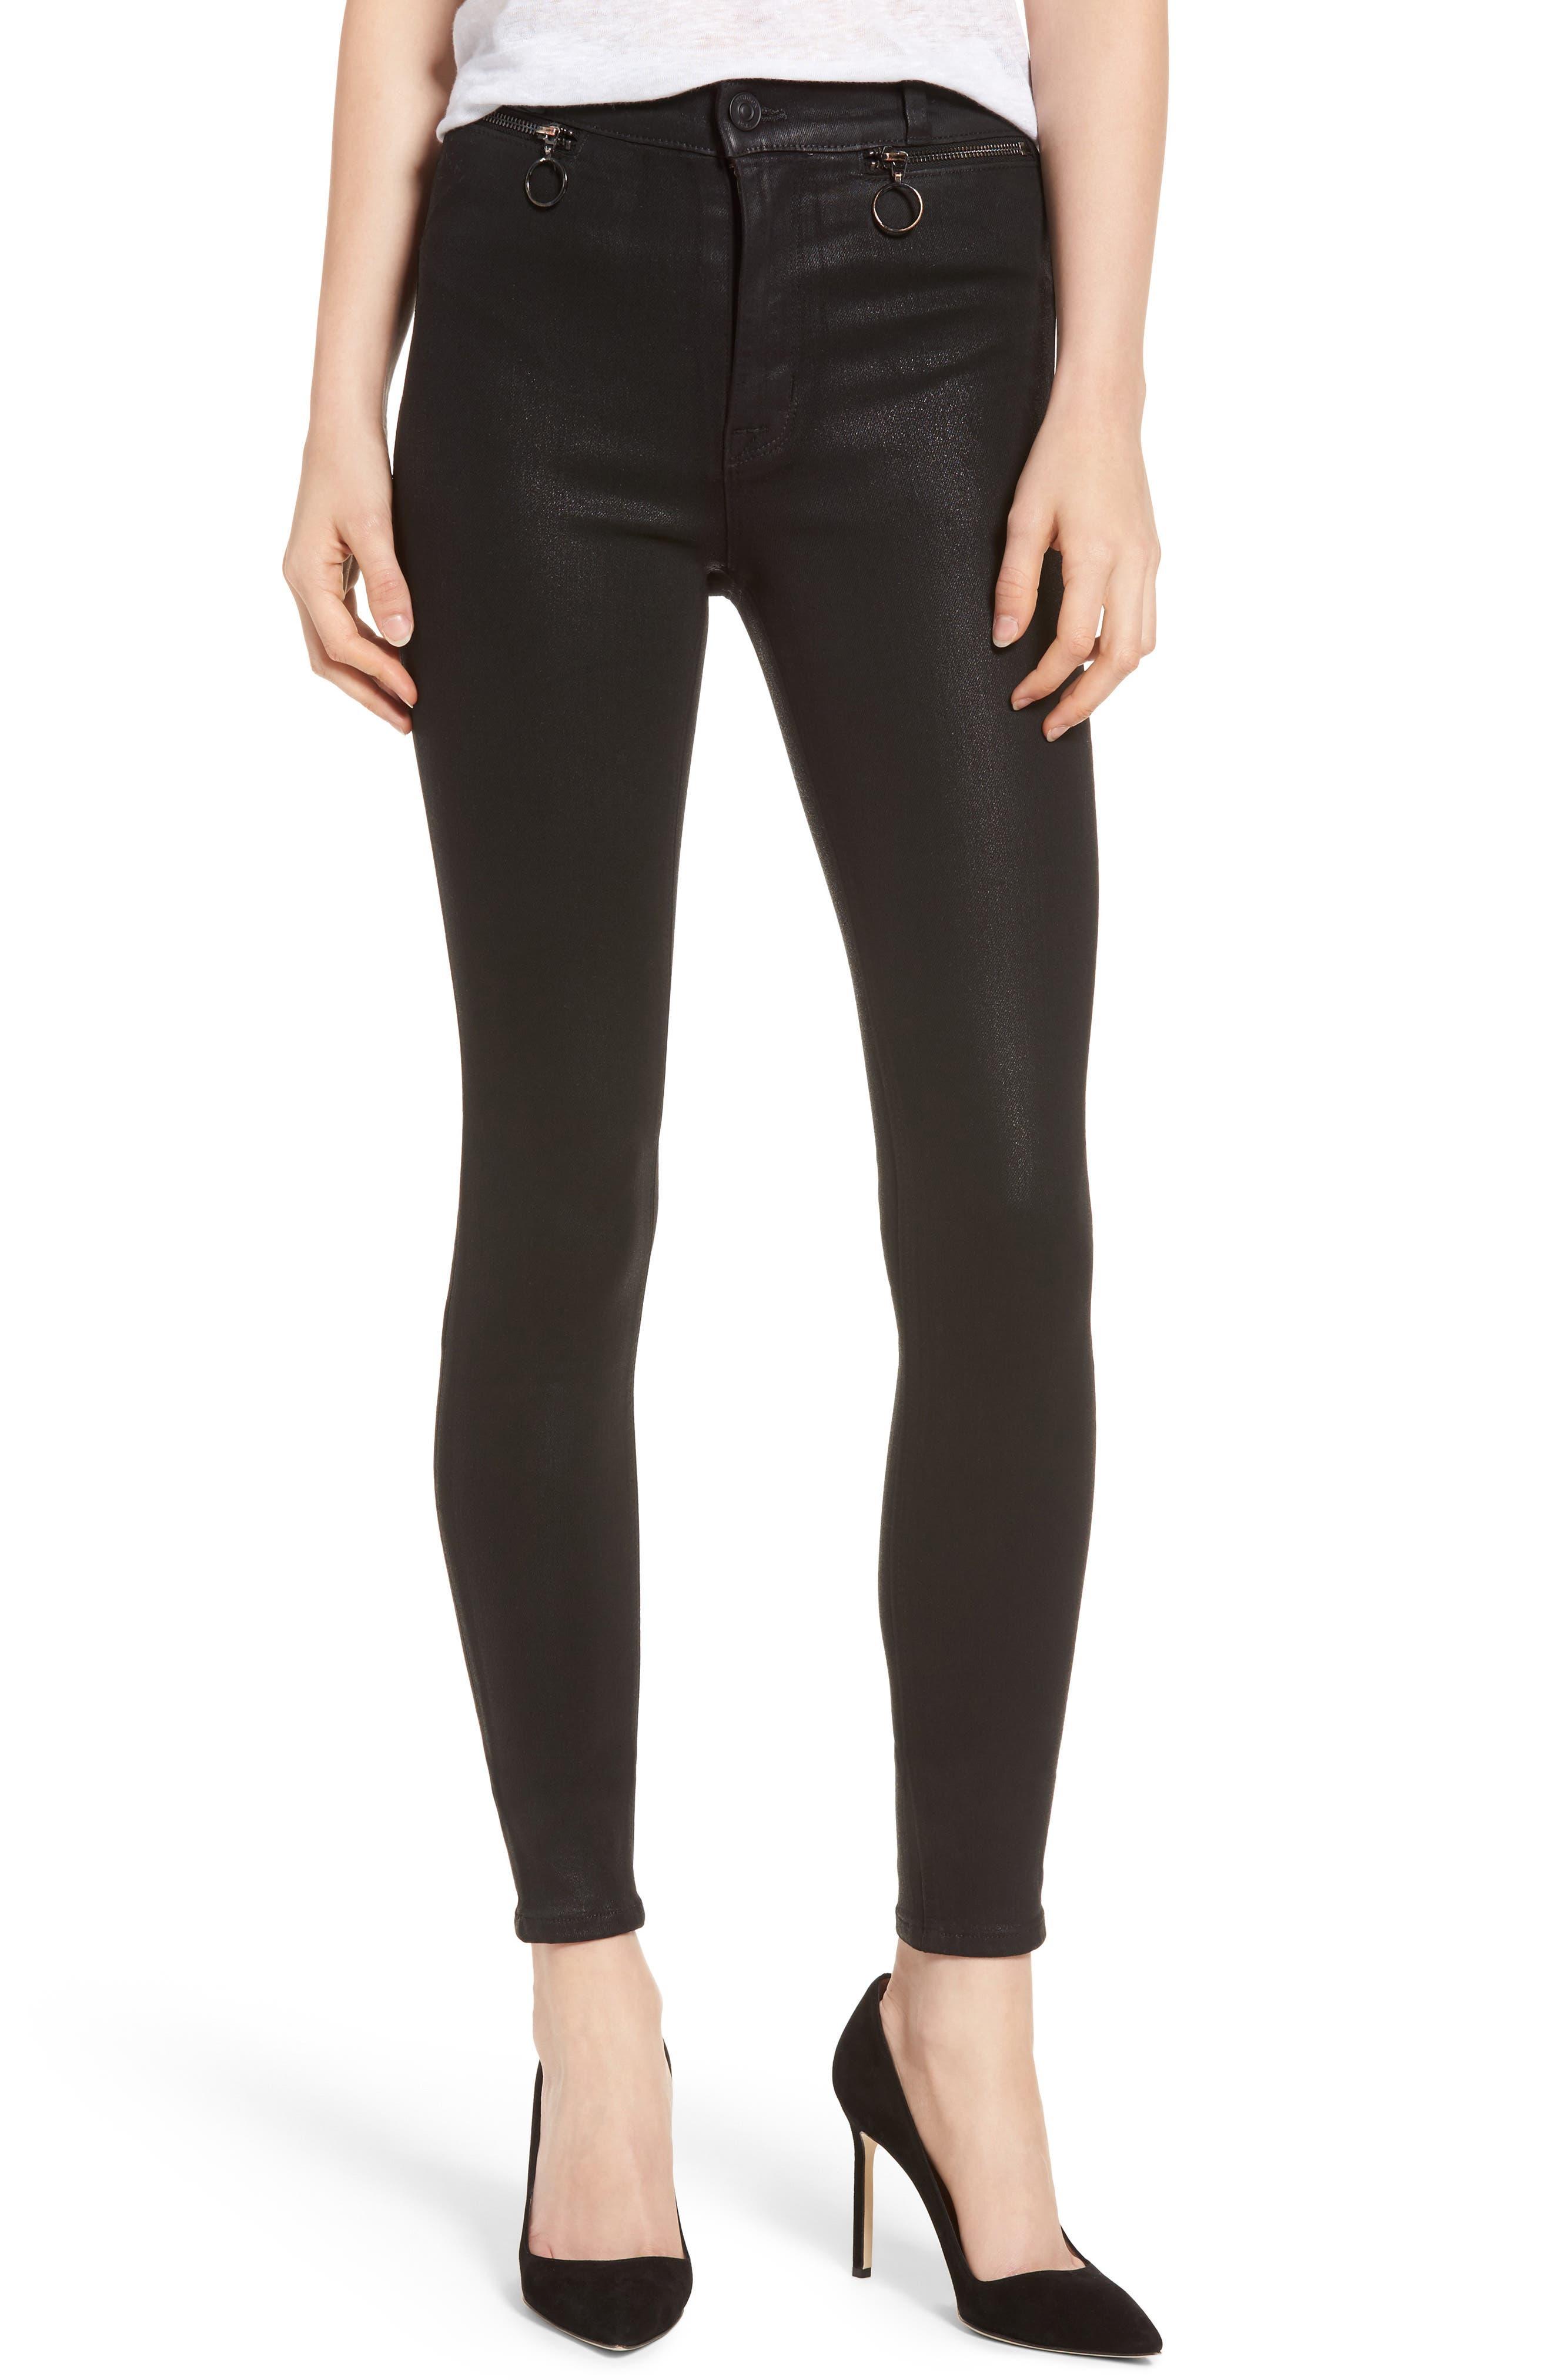 Alternate Image 1 Selected - Hudson Jeans Kooper Coated Skinny Jeans (Black Coated)